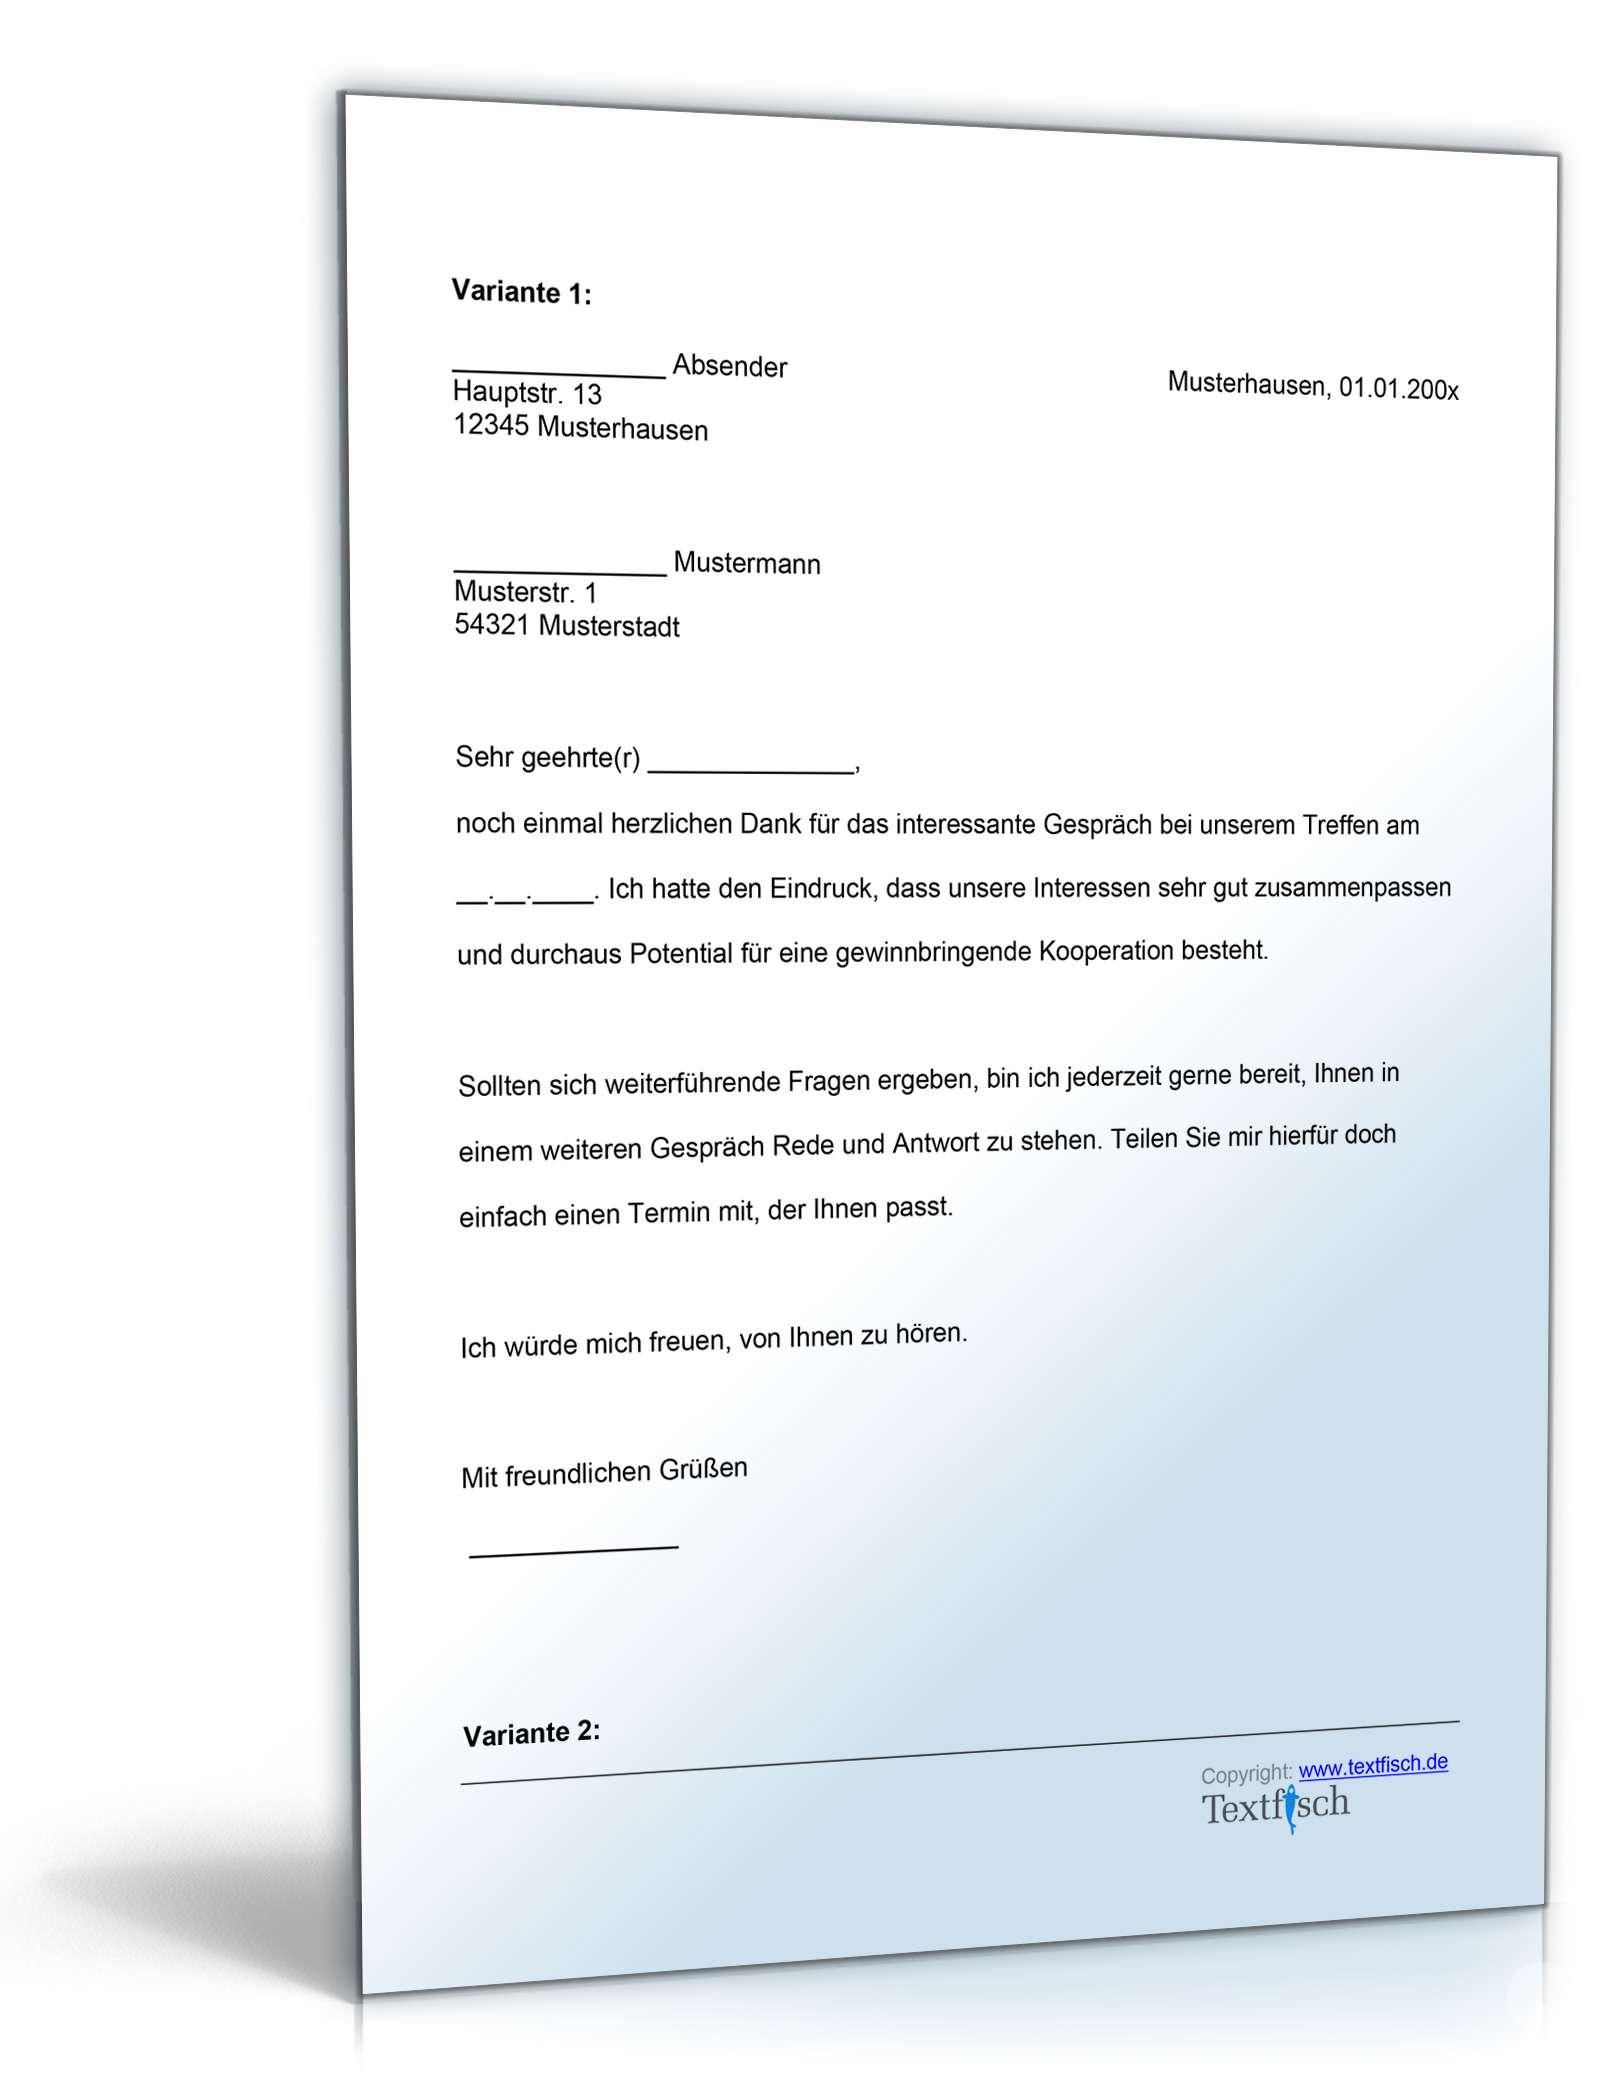 die vier wichtigsten regeln für die protokollführung - so .... wie ...